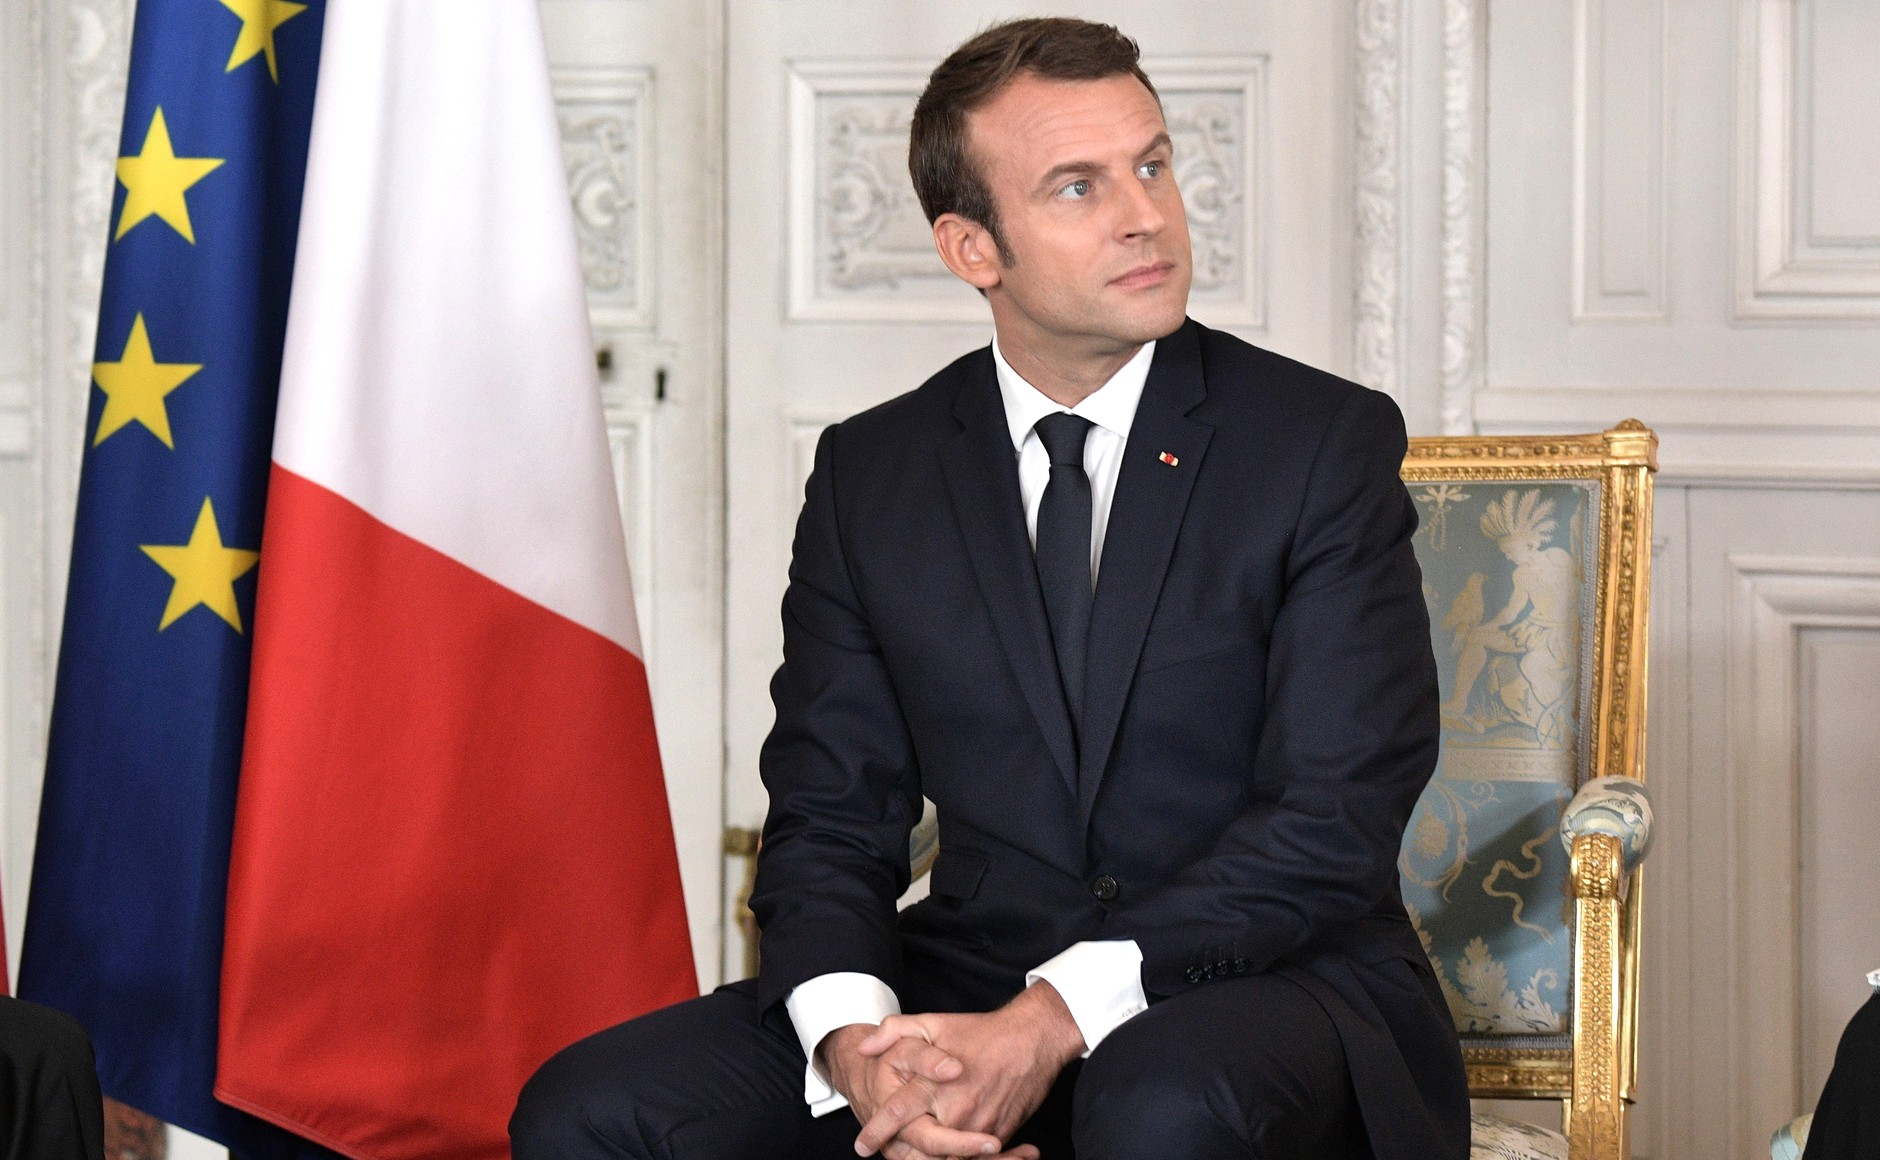 Photo of Макрон: Франция готова предоставить Навальному медицинскую помощь и убежище